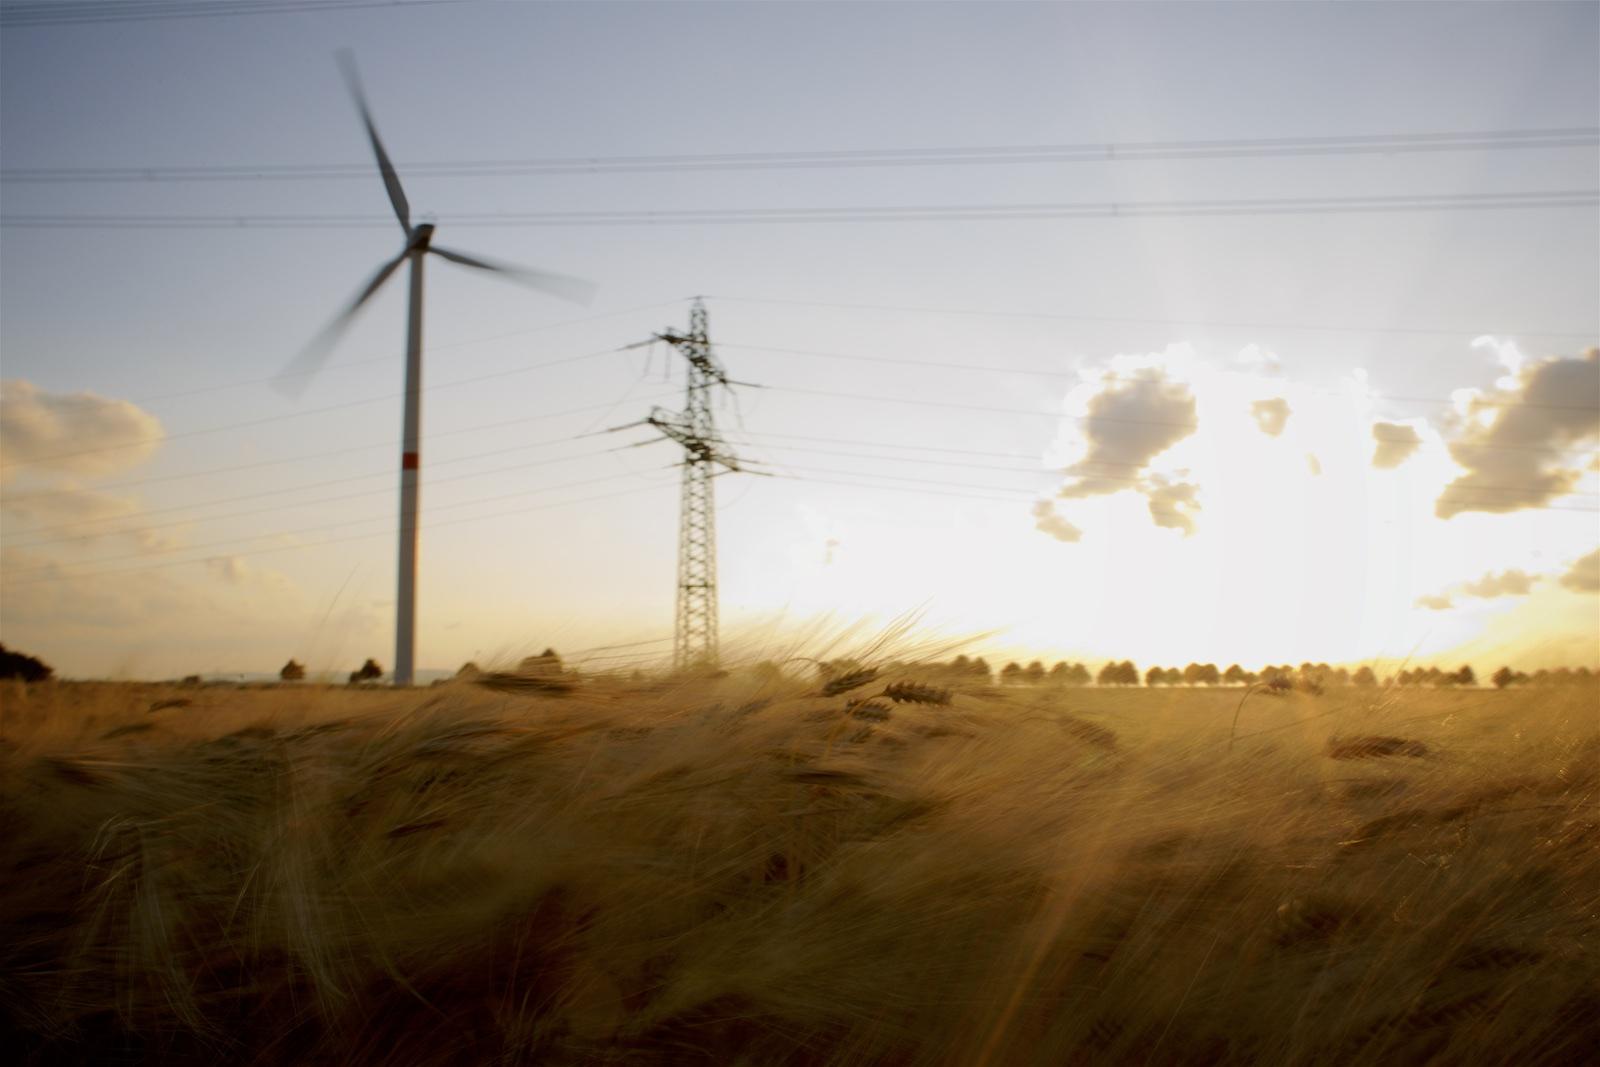 Mensch-Energie-Umwelt_Muehlhaus_Sammlung_028